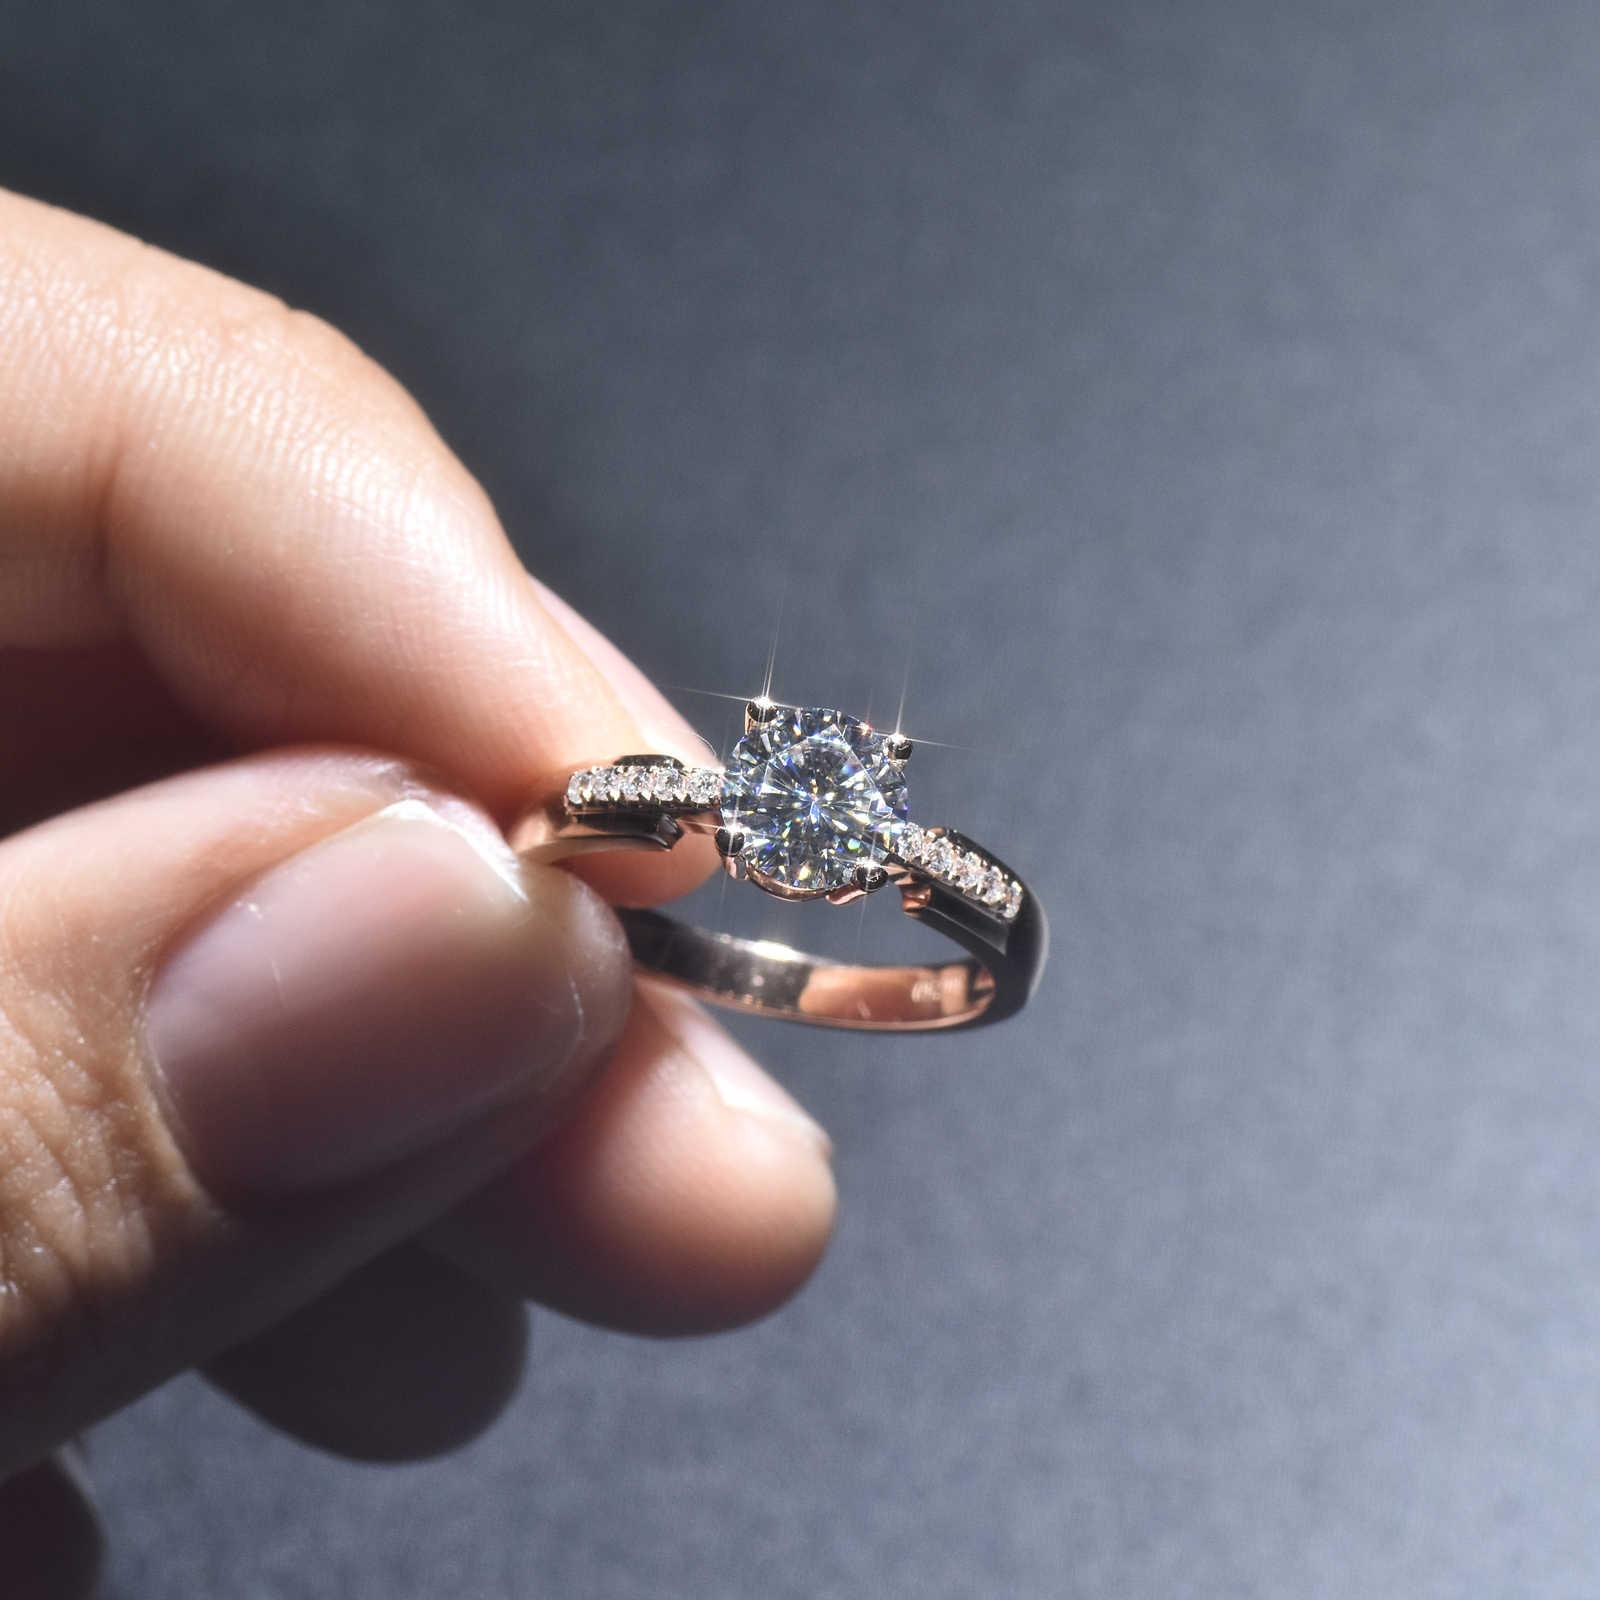 高級女性ソリティアラウンドジルコンリング 925 スターリングシルバーローズゴールド結婚指輪の約束愛の婚約指輪女性のための